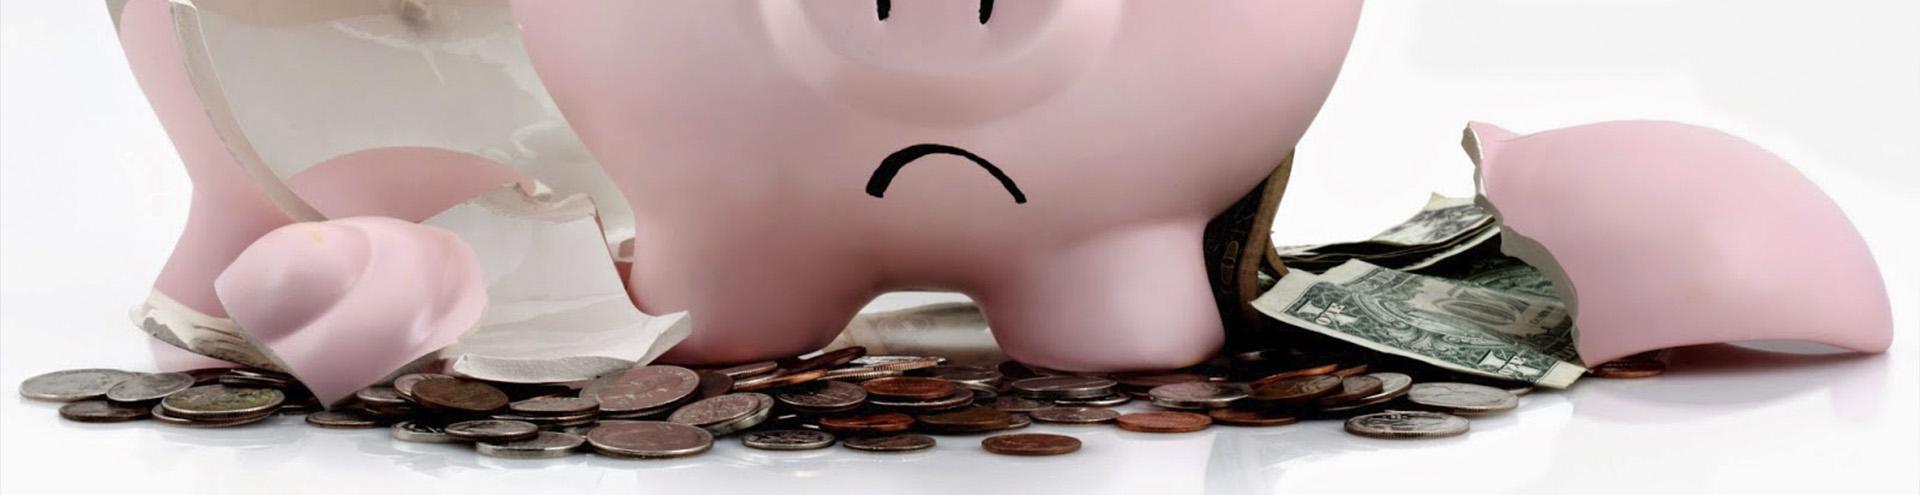 банкротство банка в Пензе и Пензенской области